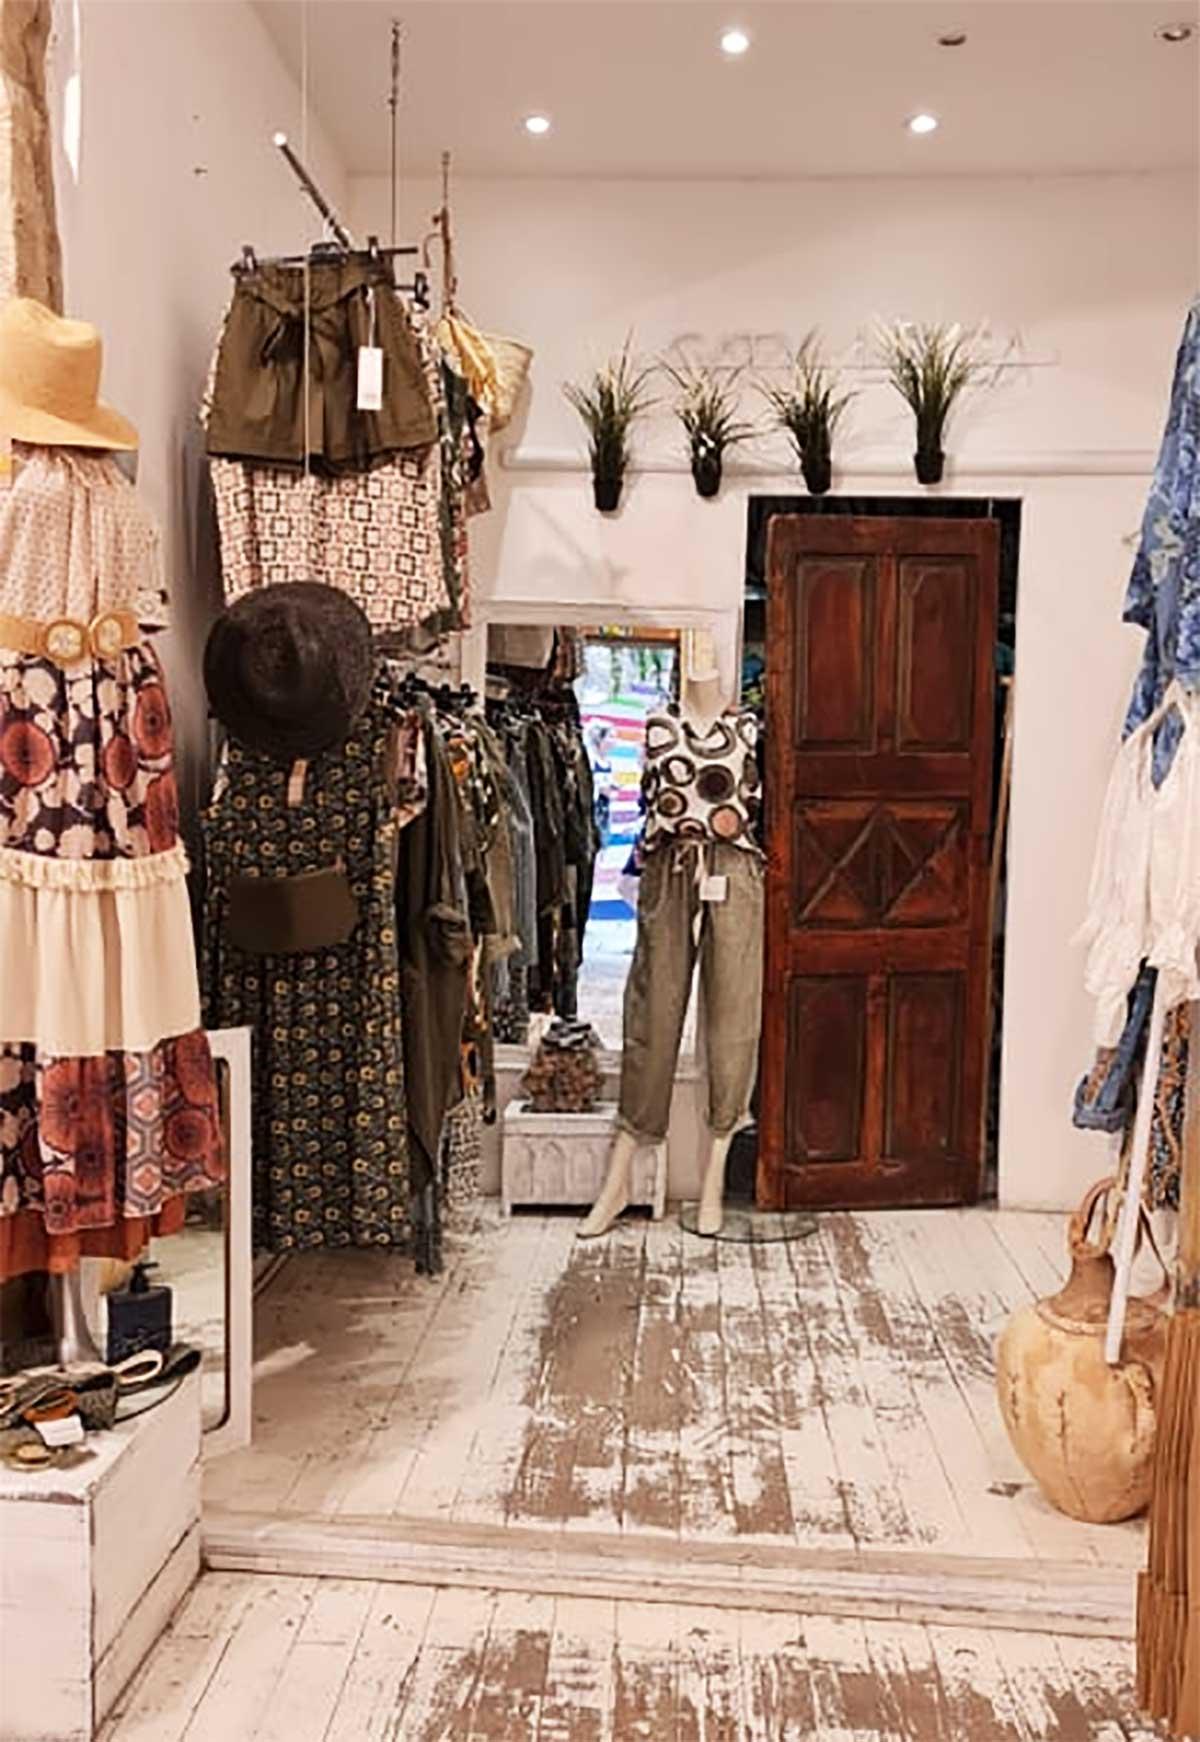 Boutique-CATY-LESCA-inside